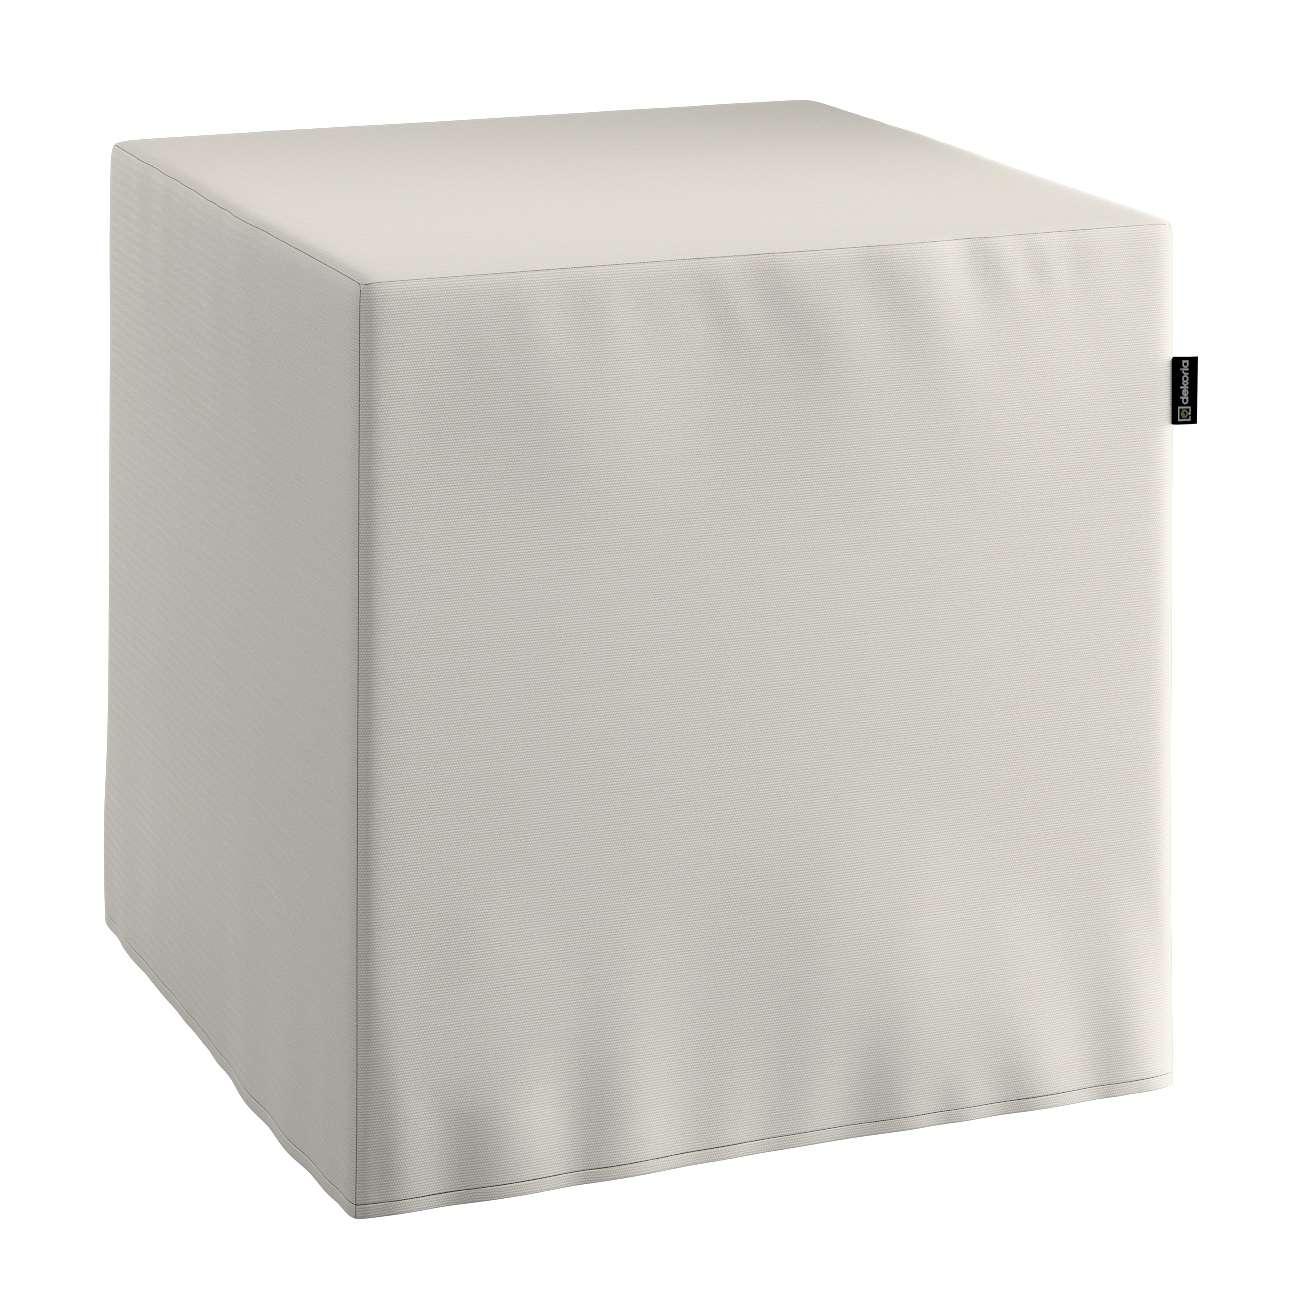 Bezug für Sitzwürfel Bezug für Sitzwürfel 40x40x40 cm von der Kollektion Cotton Panama, Stoff: 702-31